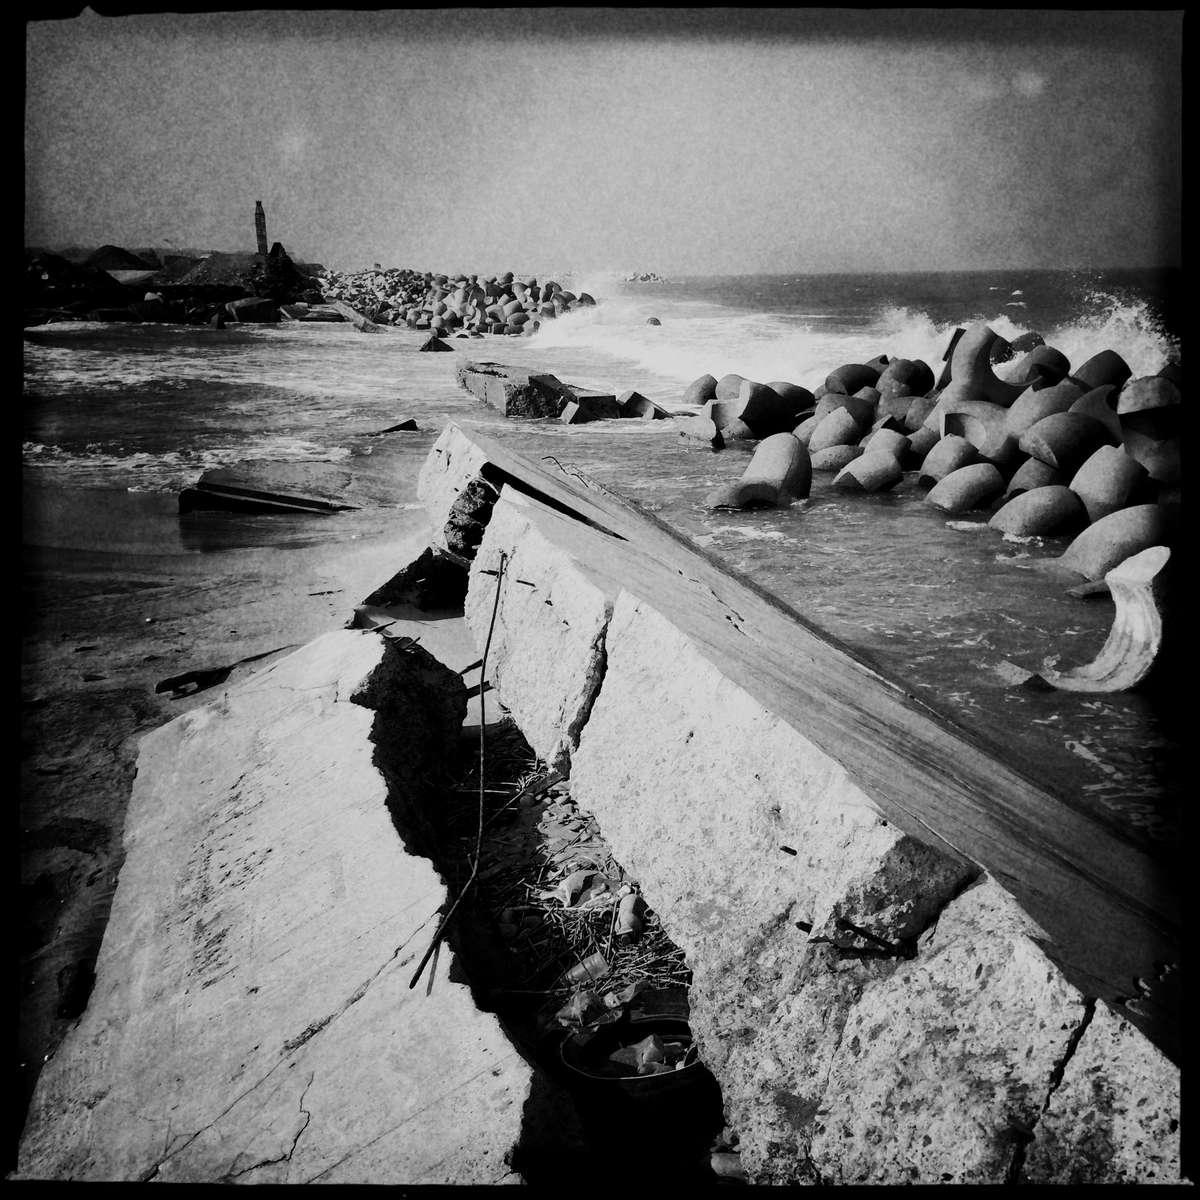 Fukushima:  A broken seawall by tsunami still remains at Odaka, as the 2011 Fukushima nuke power plant disaster continuously and extremely hampers the rebuilding. #fukushima #nuke_radiation #radiation #minami-soma #nuke_power_plant #odaka #broken_seawall #seawall #japan